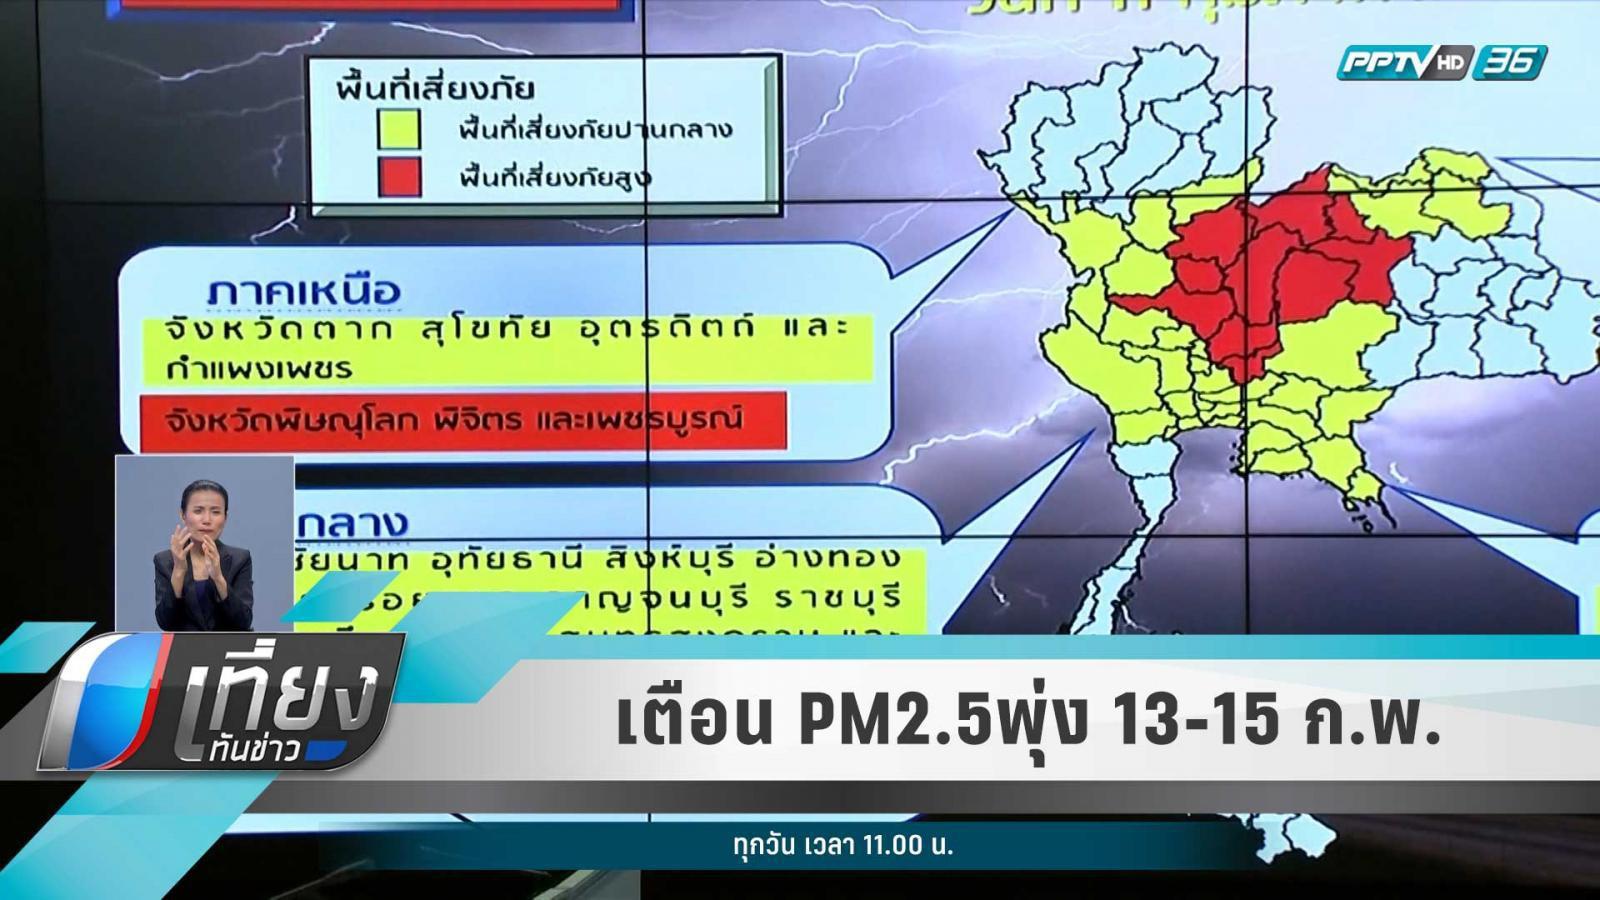 อุตุฯเตือน 13-15 ก.พ.นี้ ค่าฝุ่น PM2.5 พุ่งอาจพุ่งขึ้นอีก